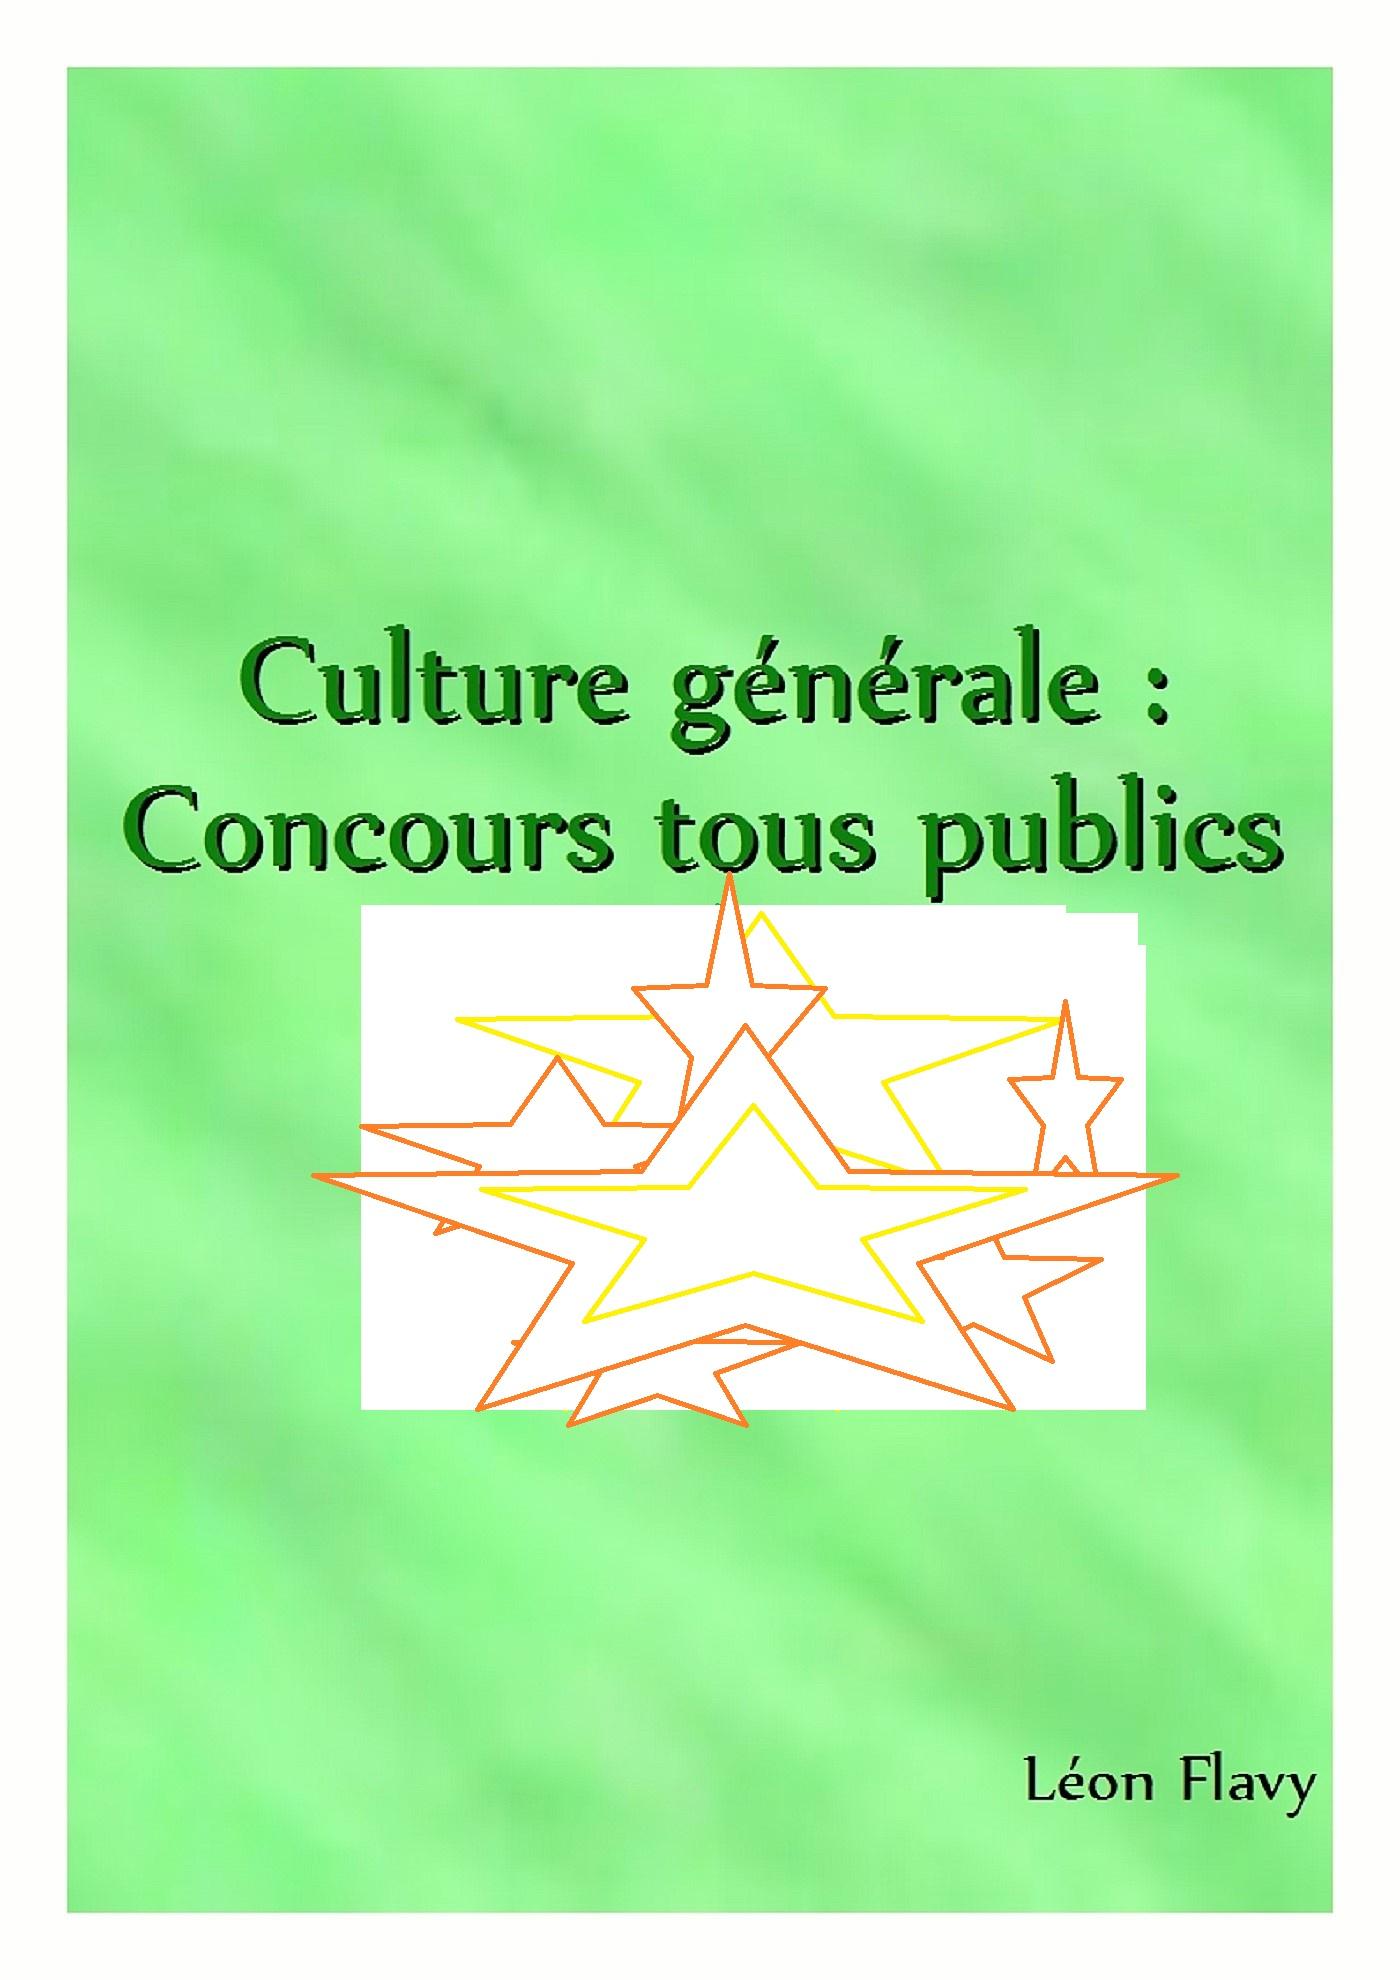 DISSERTATION DE CULTURE GENERALE CONCOURS*****